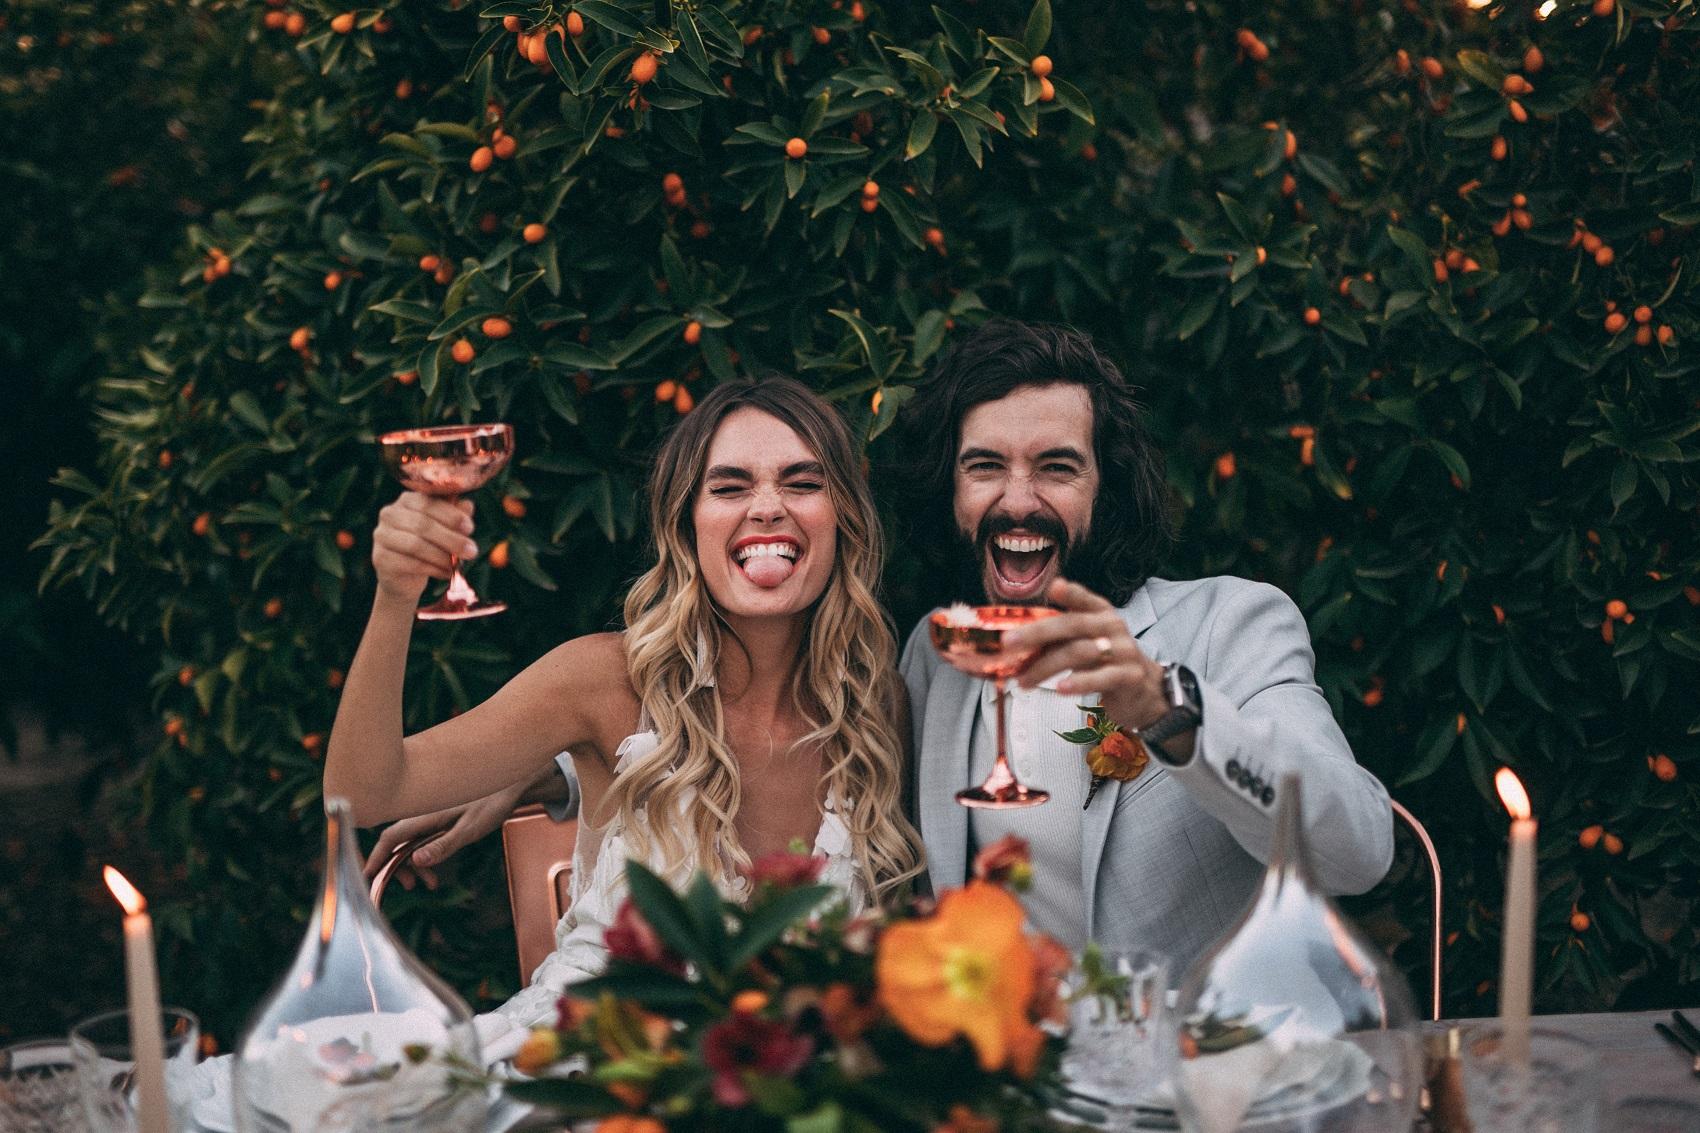 Bruidspaar met drankje in hun handen